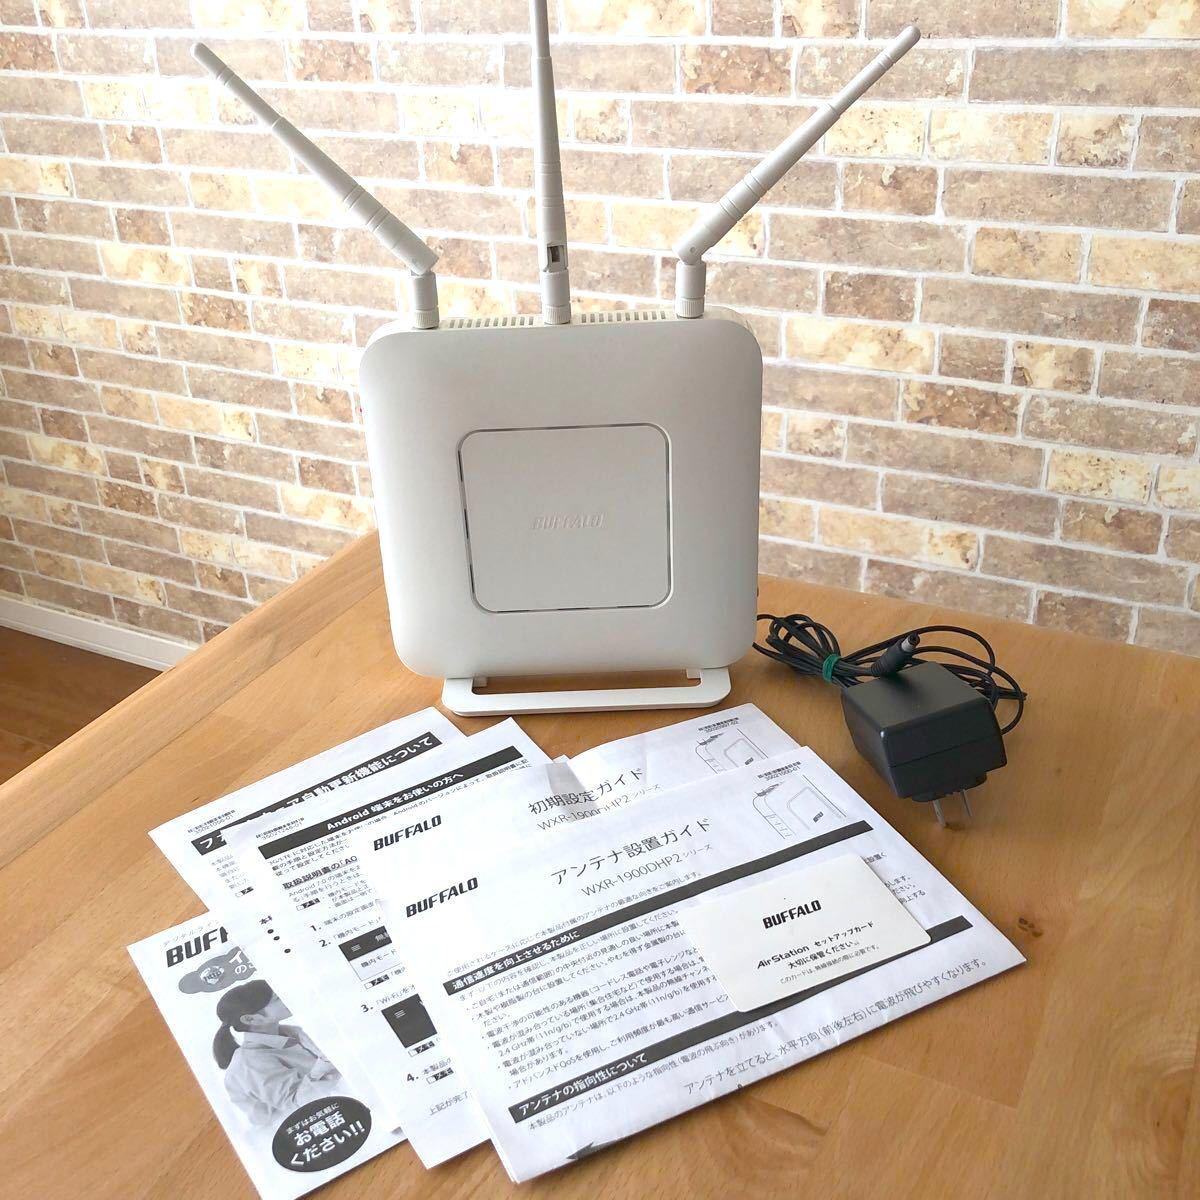 wxr-1900dhp2 BUFFALO 無線LAN親機 無線LANルーター